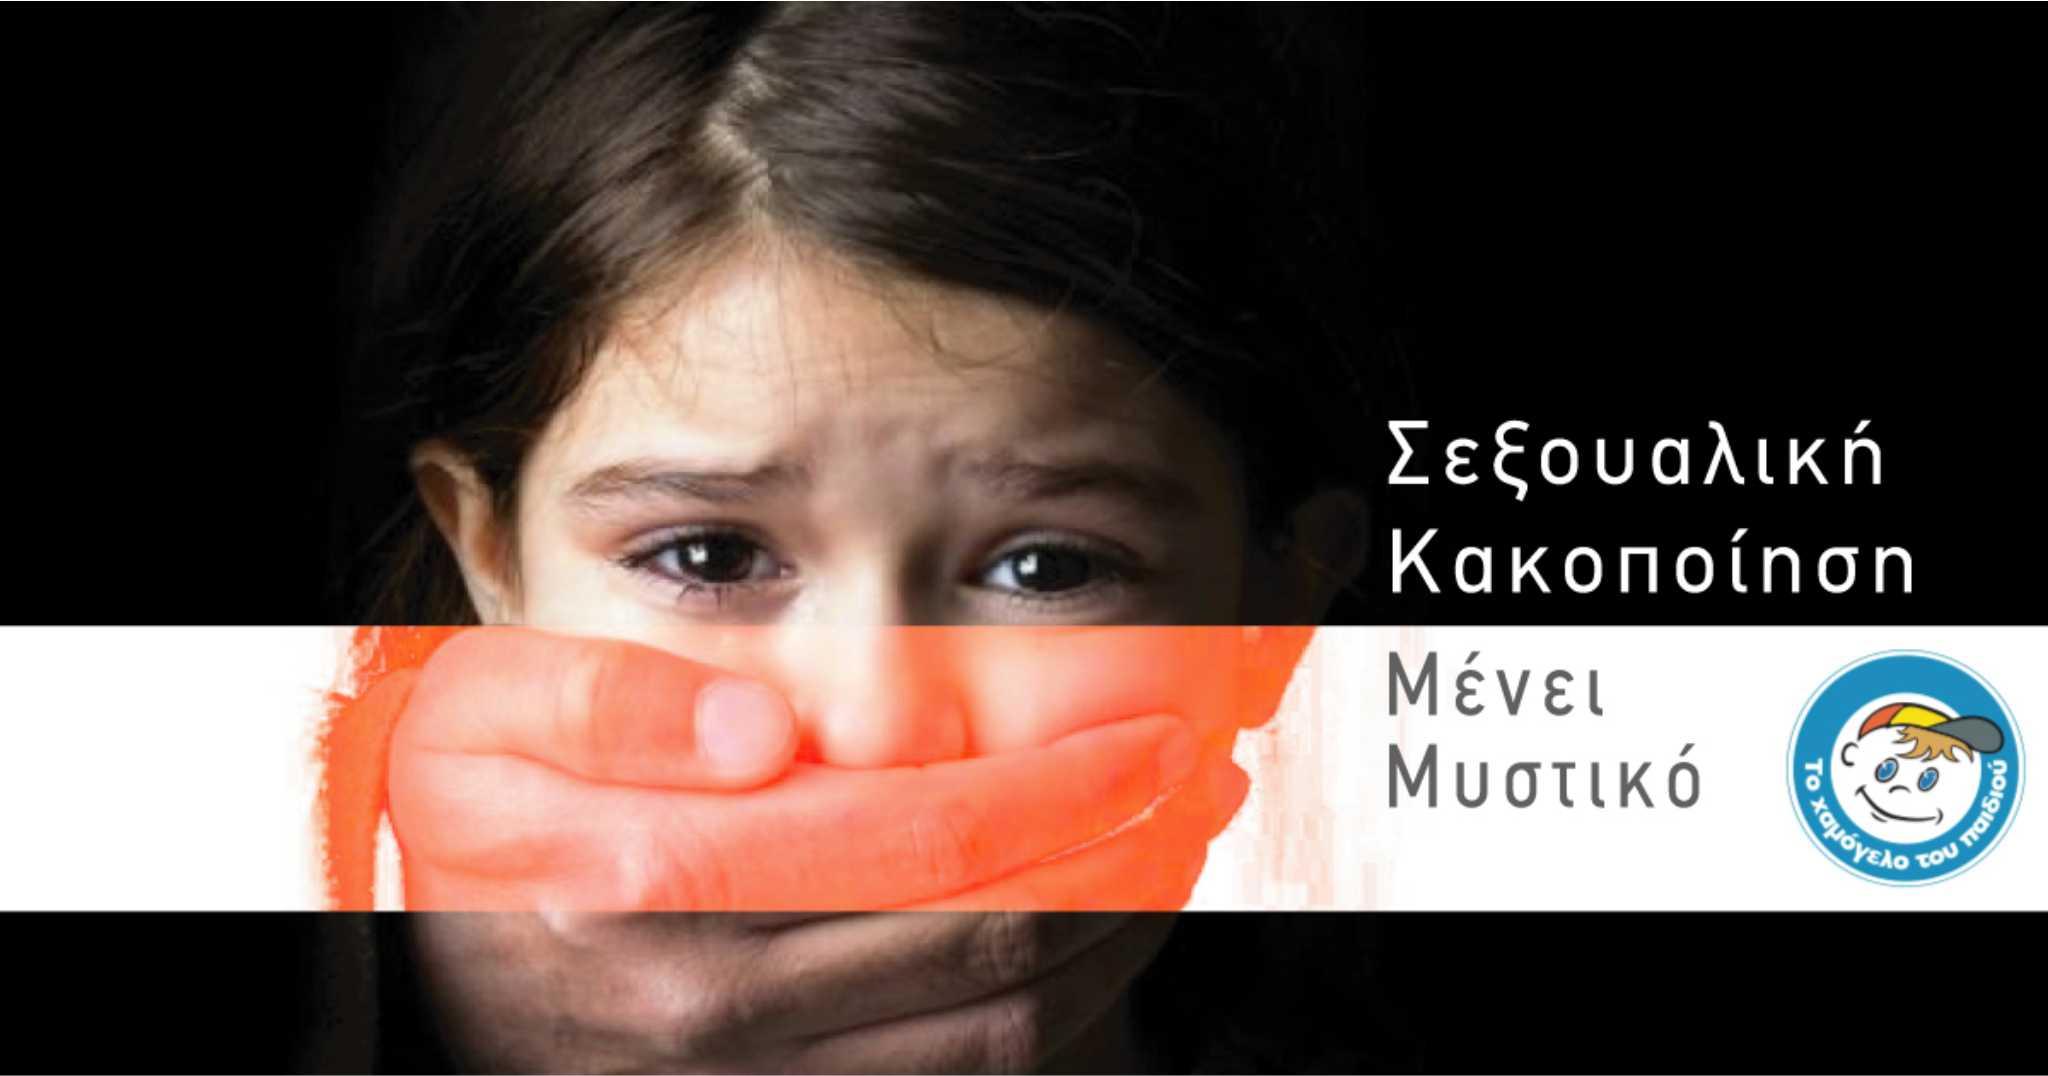 Χαμόγελο του παιδιού: Ας μη «Μένει Μυστικό» η φρίκη που βιώνουν τα παιδιά